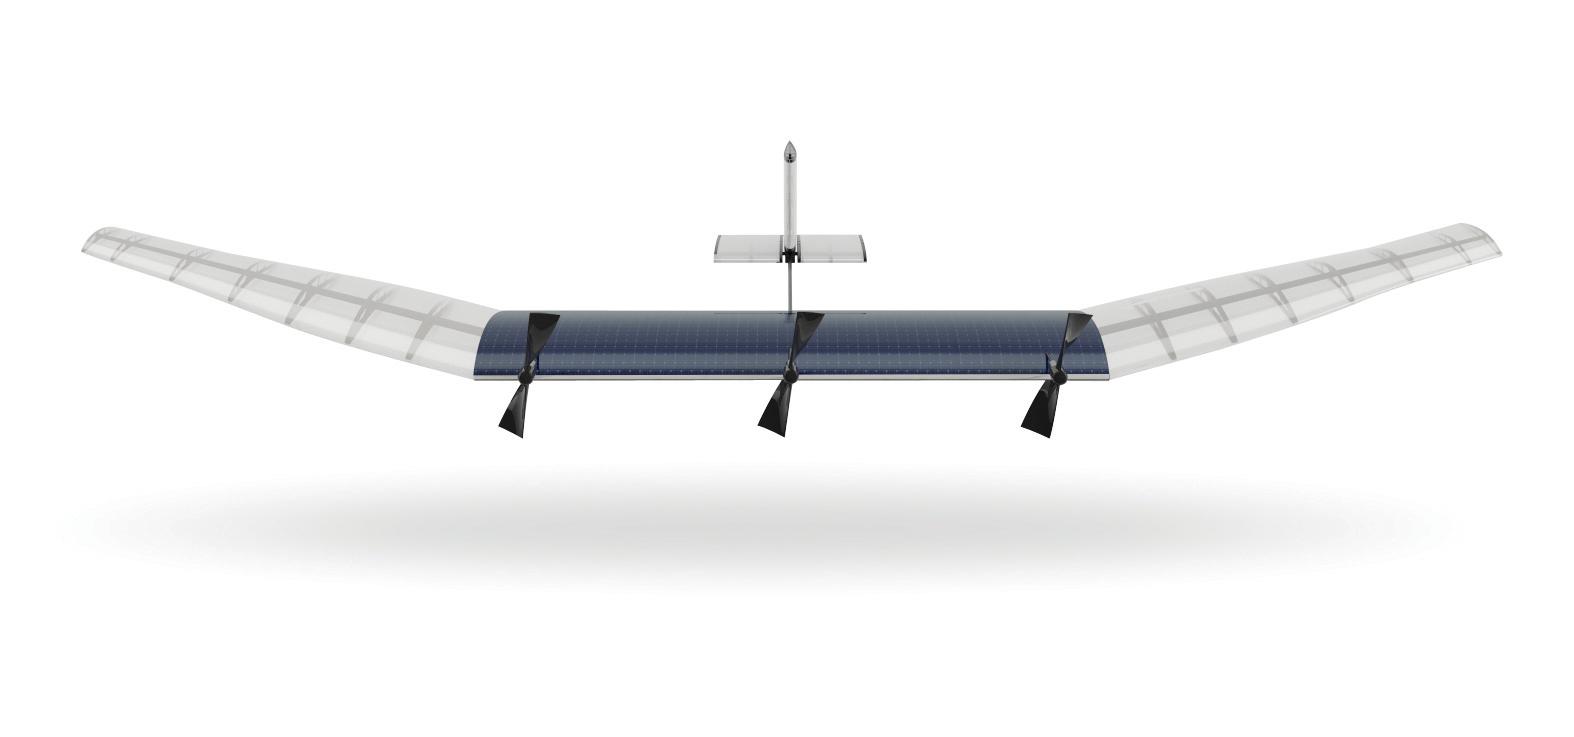 Facebook Concept Drone. (Facebook)